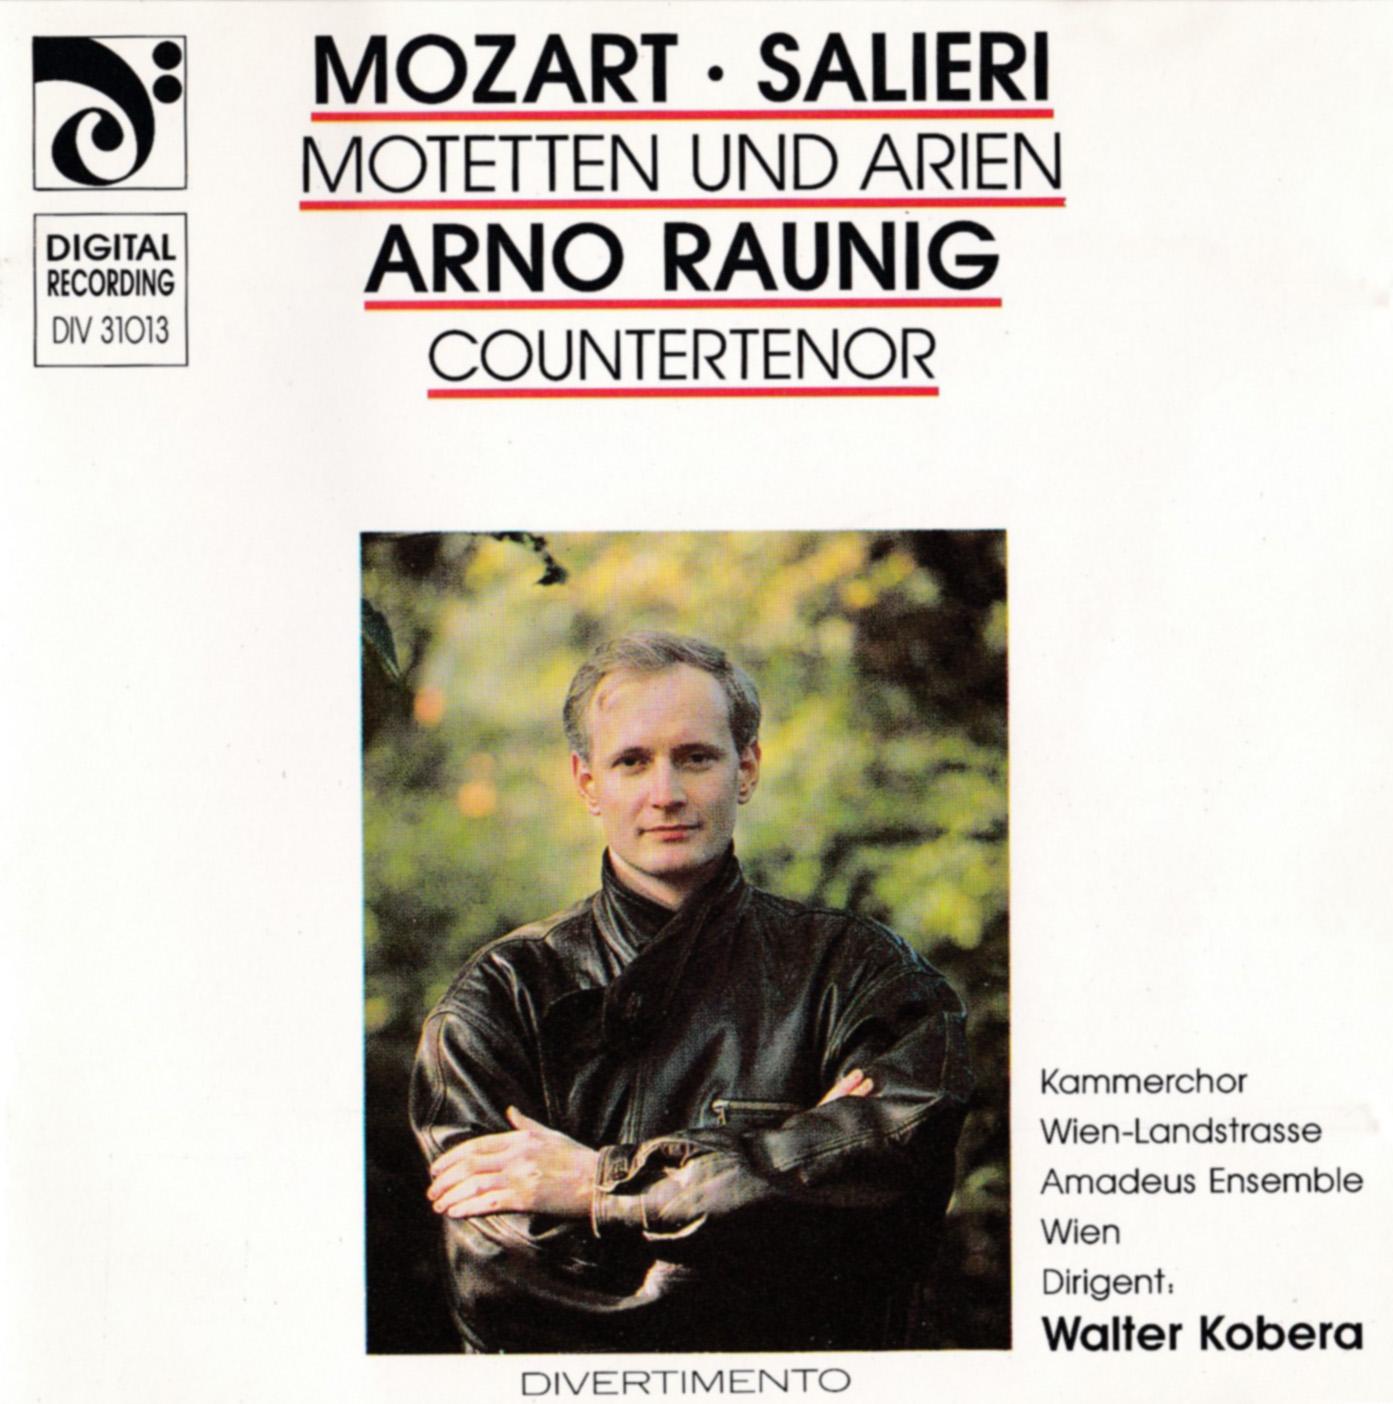 Mozart Salieri Arno Raunig